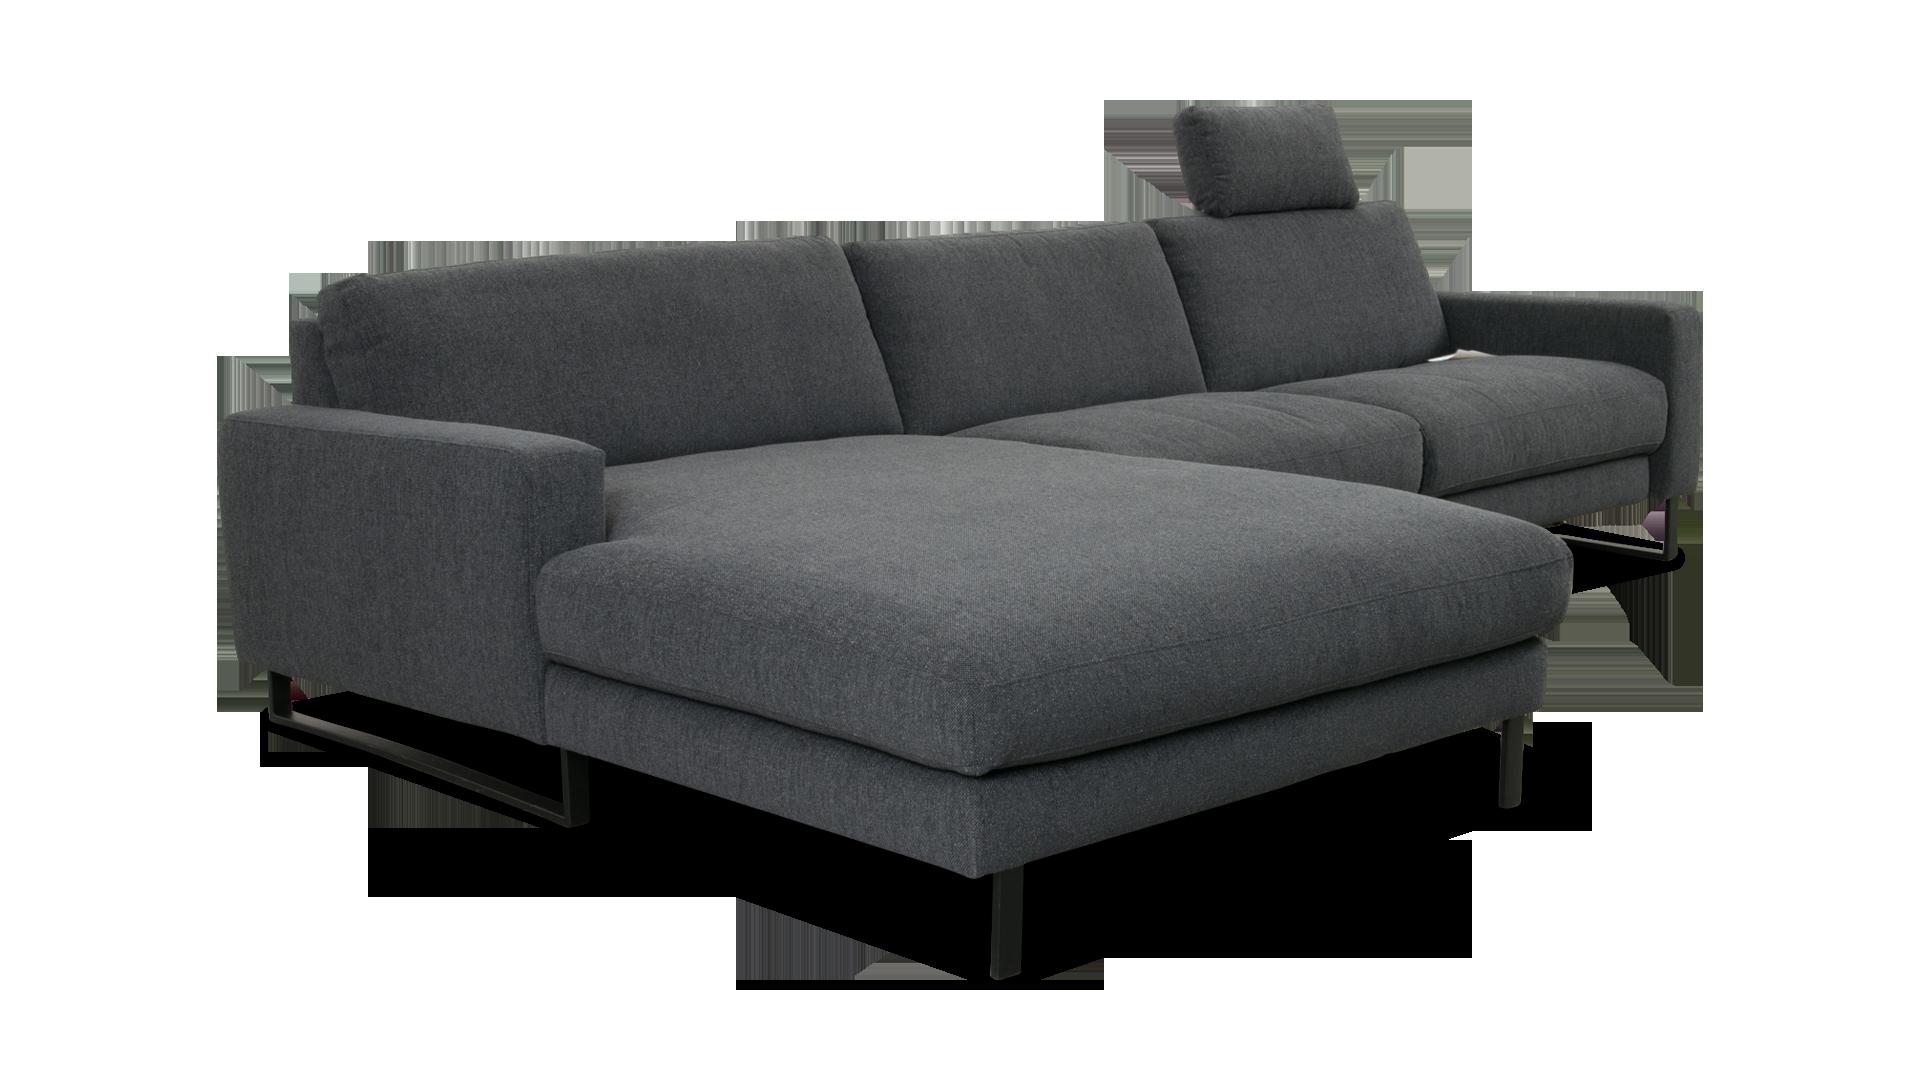 Pin Von Sitzdesign Auf Sitzdesign Sofa Outlet Junges Wohnen Sitzen